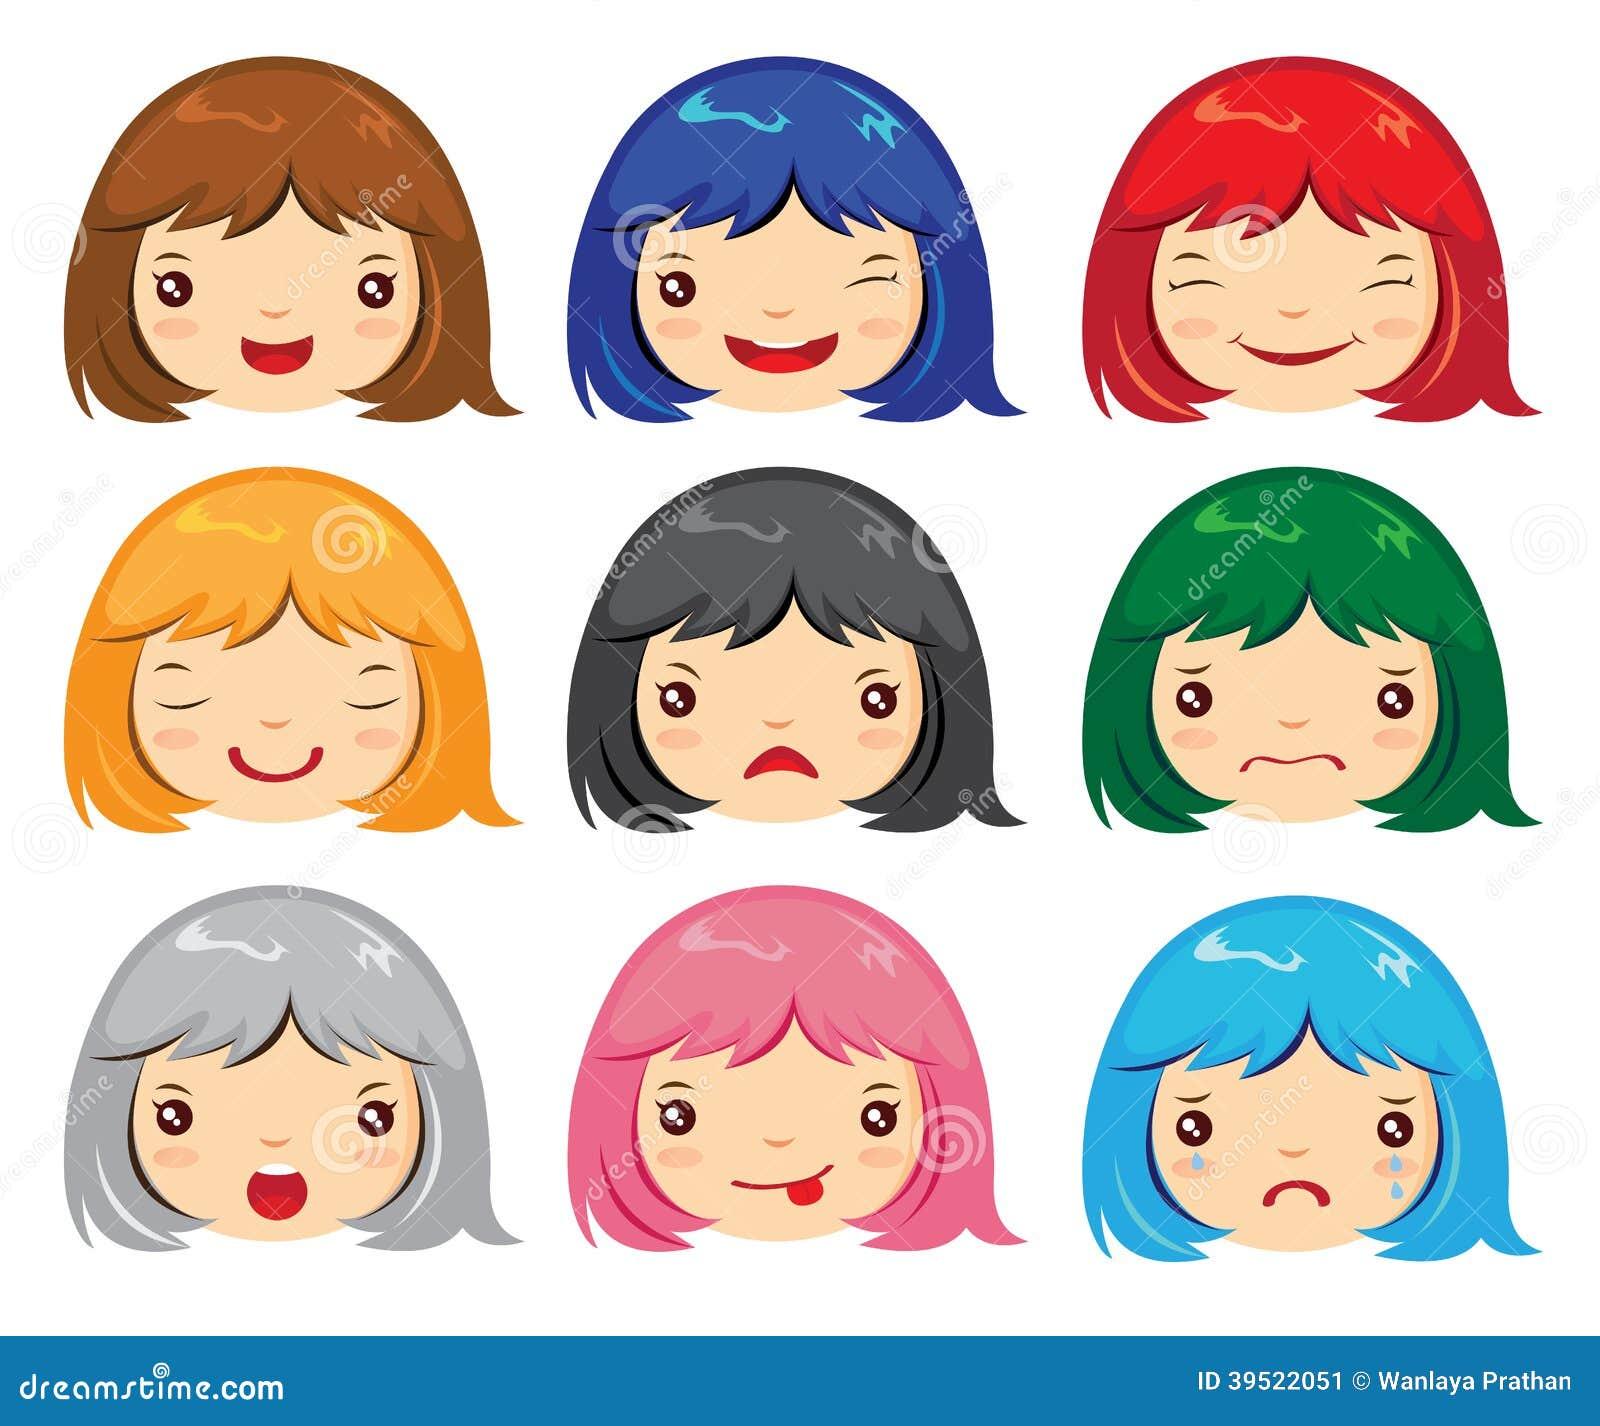 Sad Woman Face Cartoon 2 Stock Photos, Images, & Pictures – (444 ...